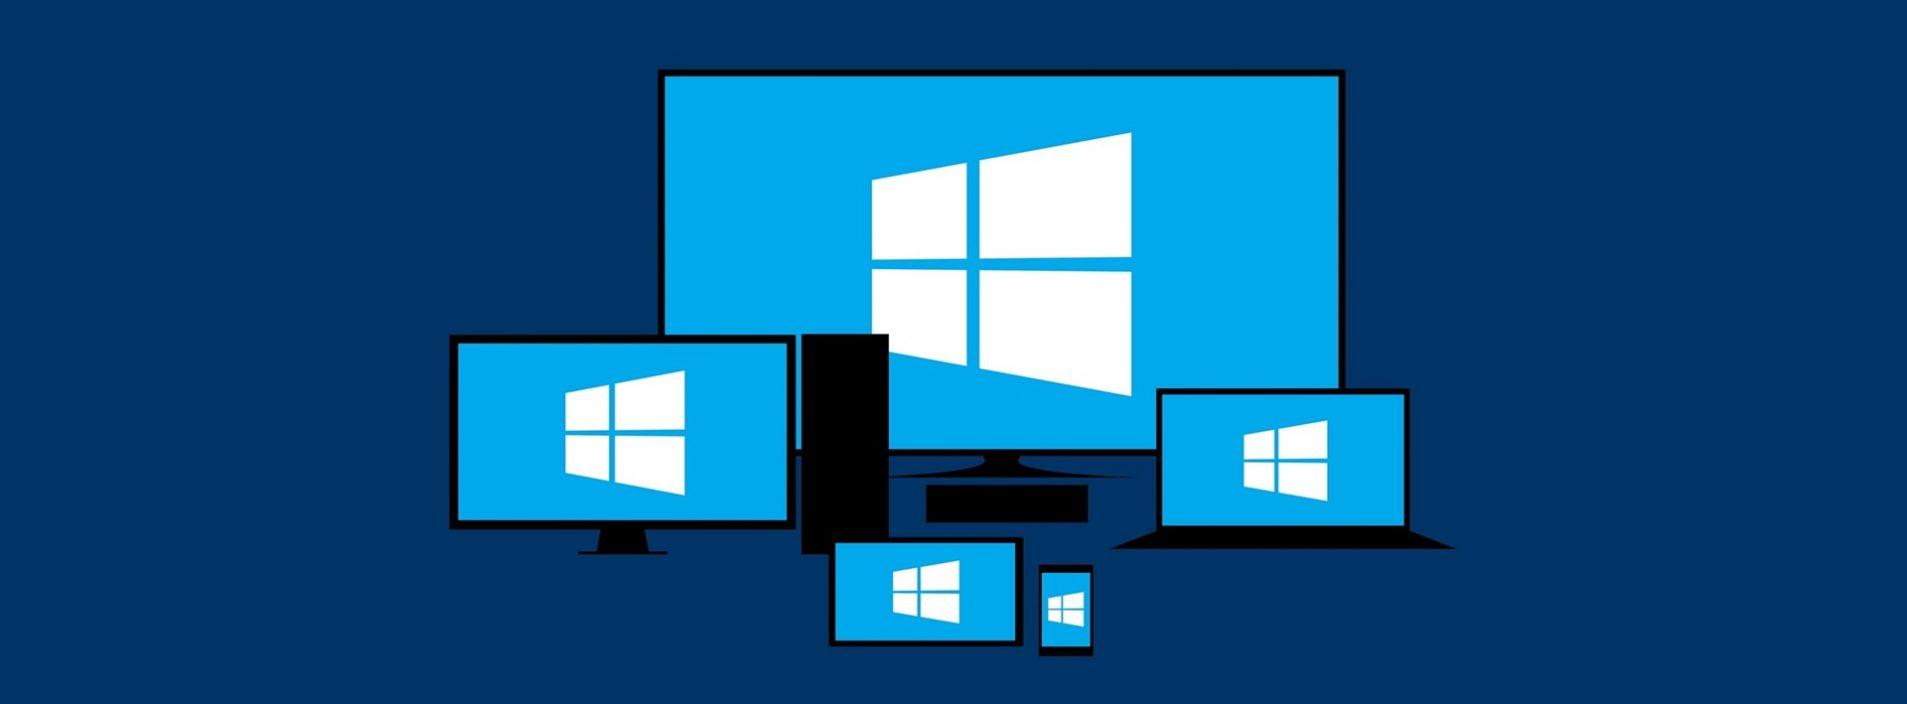 Microsoft irá mesclar versões separadas do Windows em um sistema operacional unificado